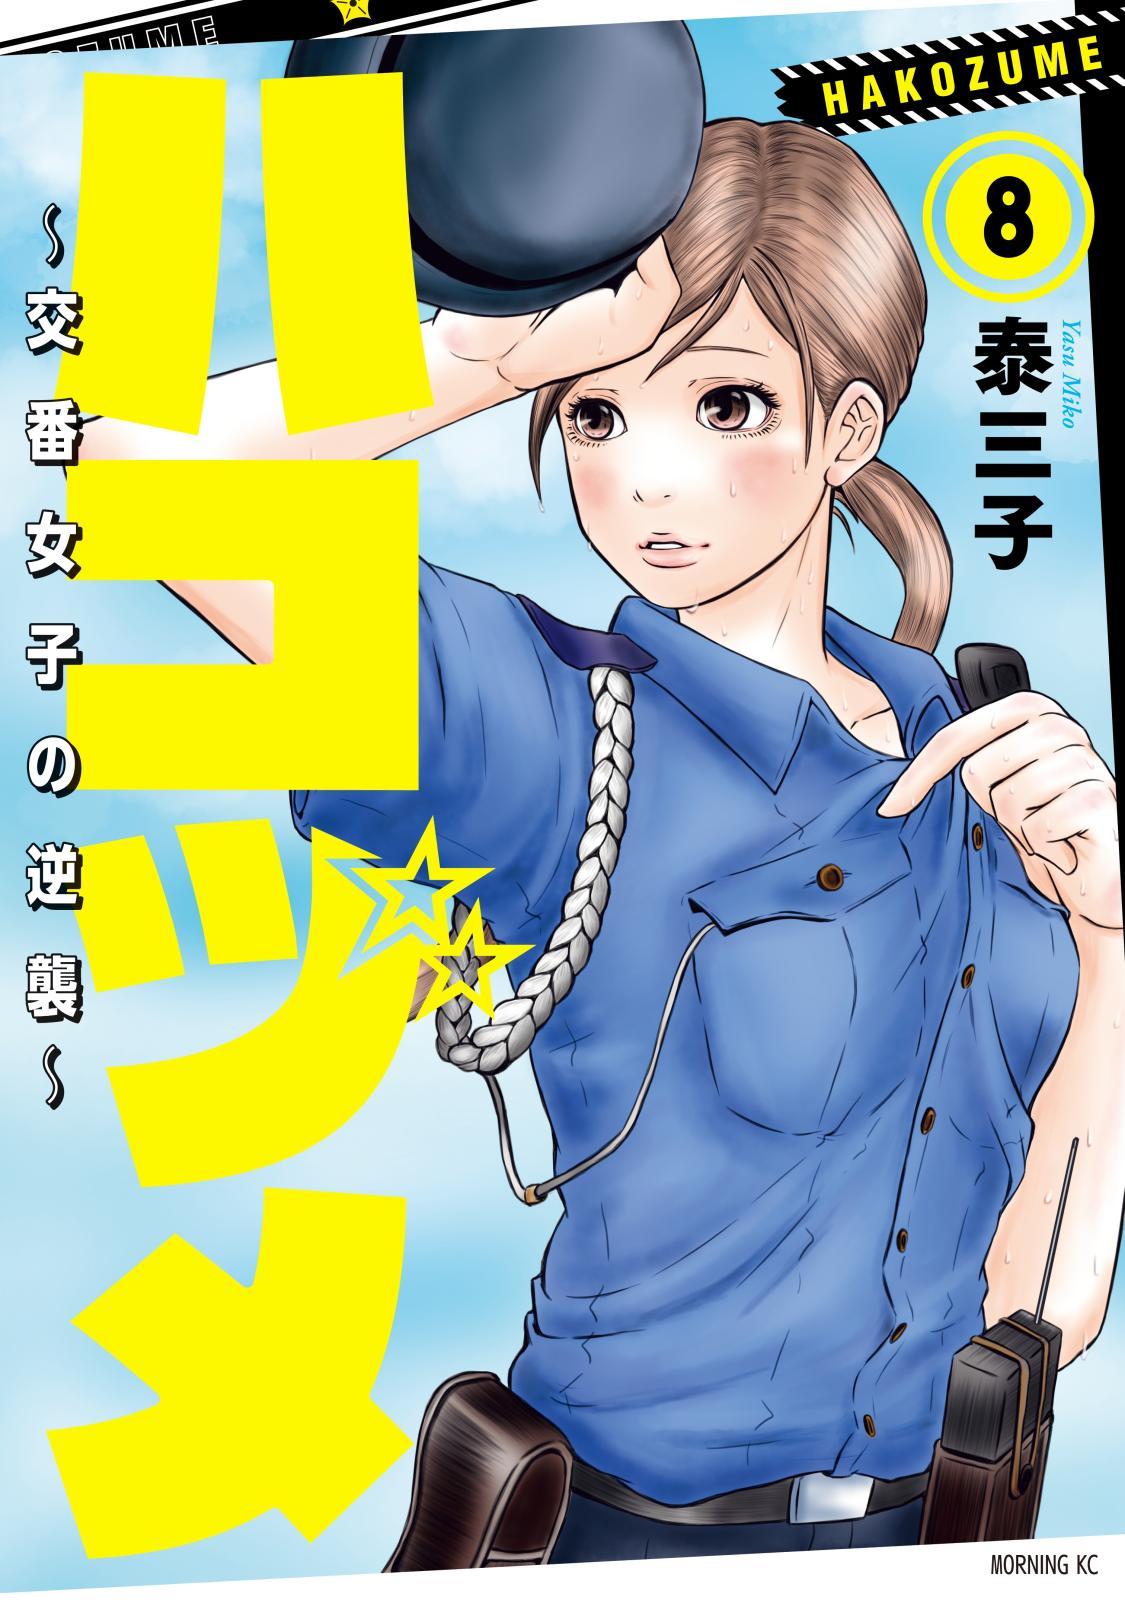 ハコヅメ~交番女子の逆襲~(8)